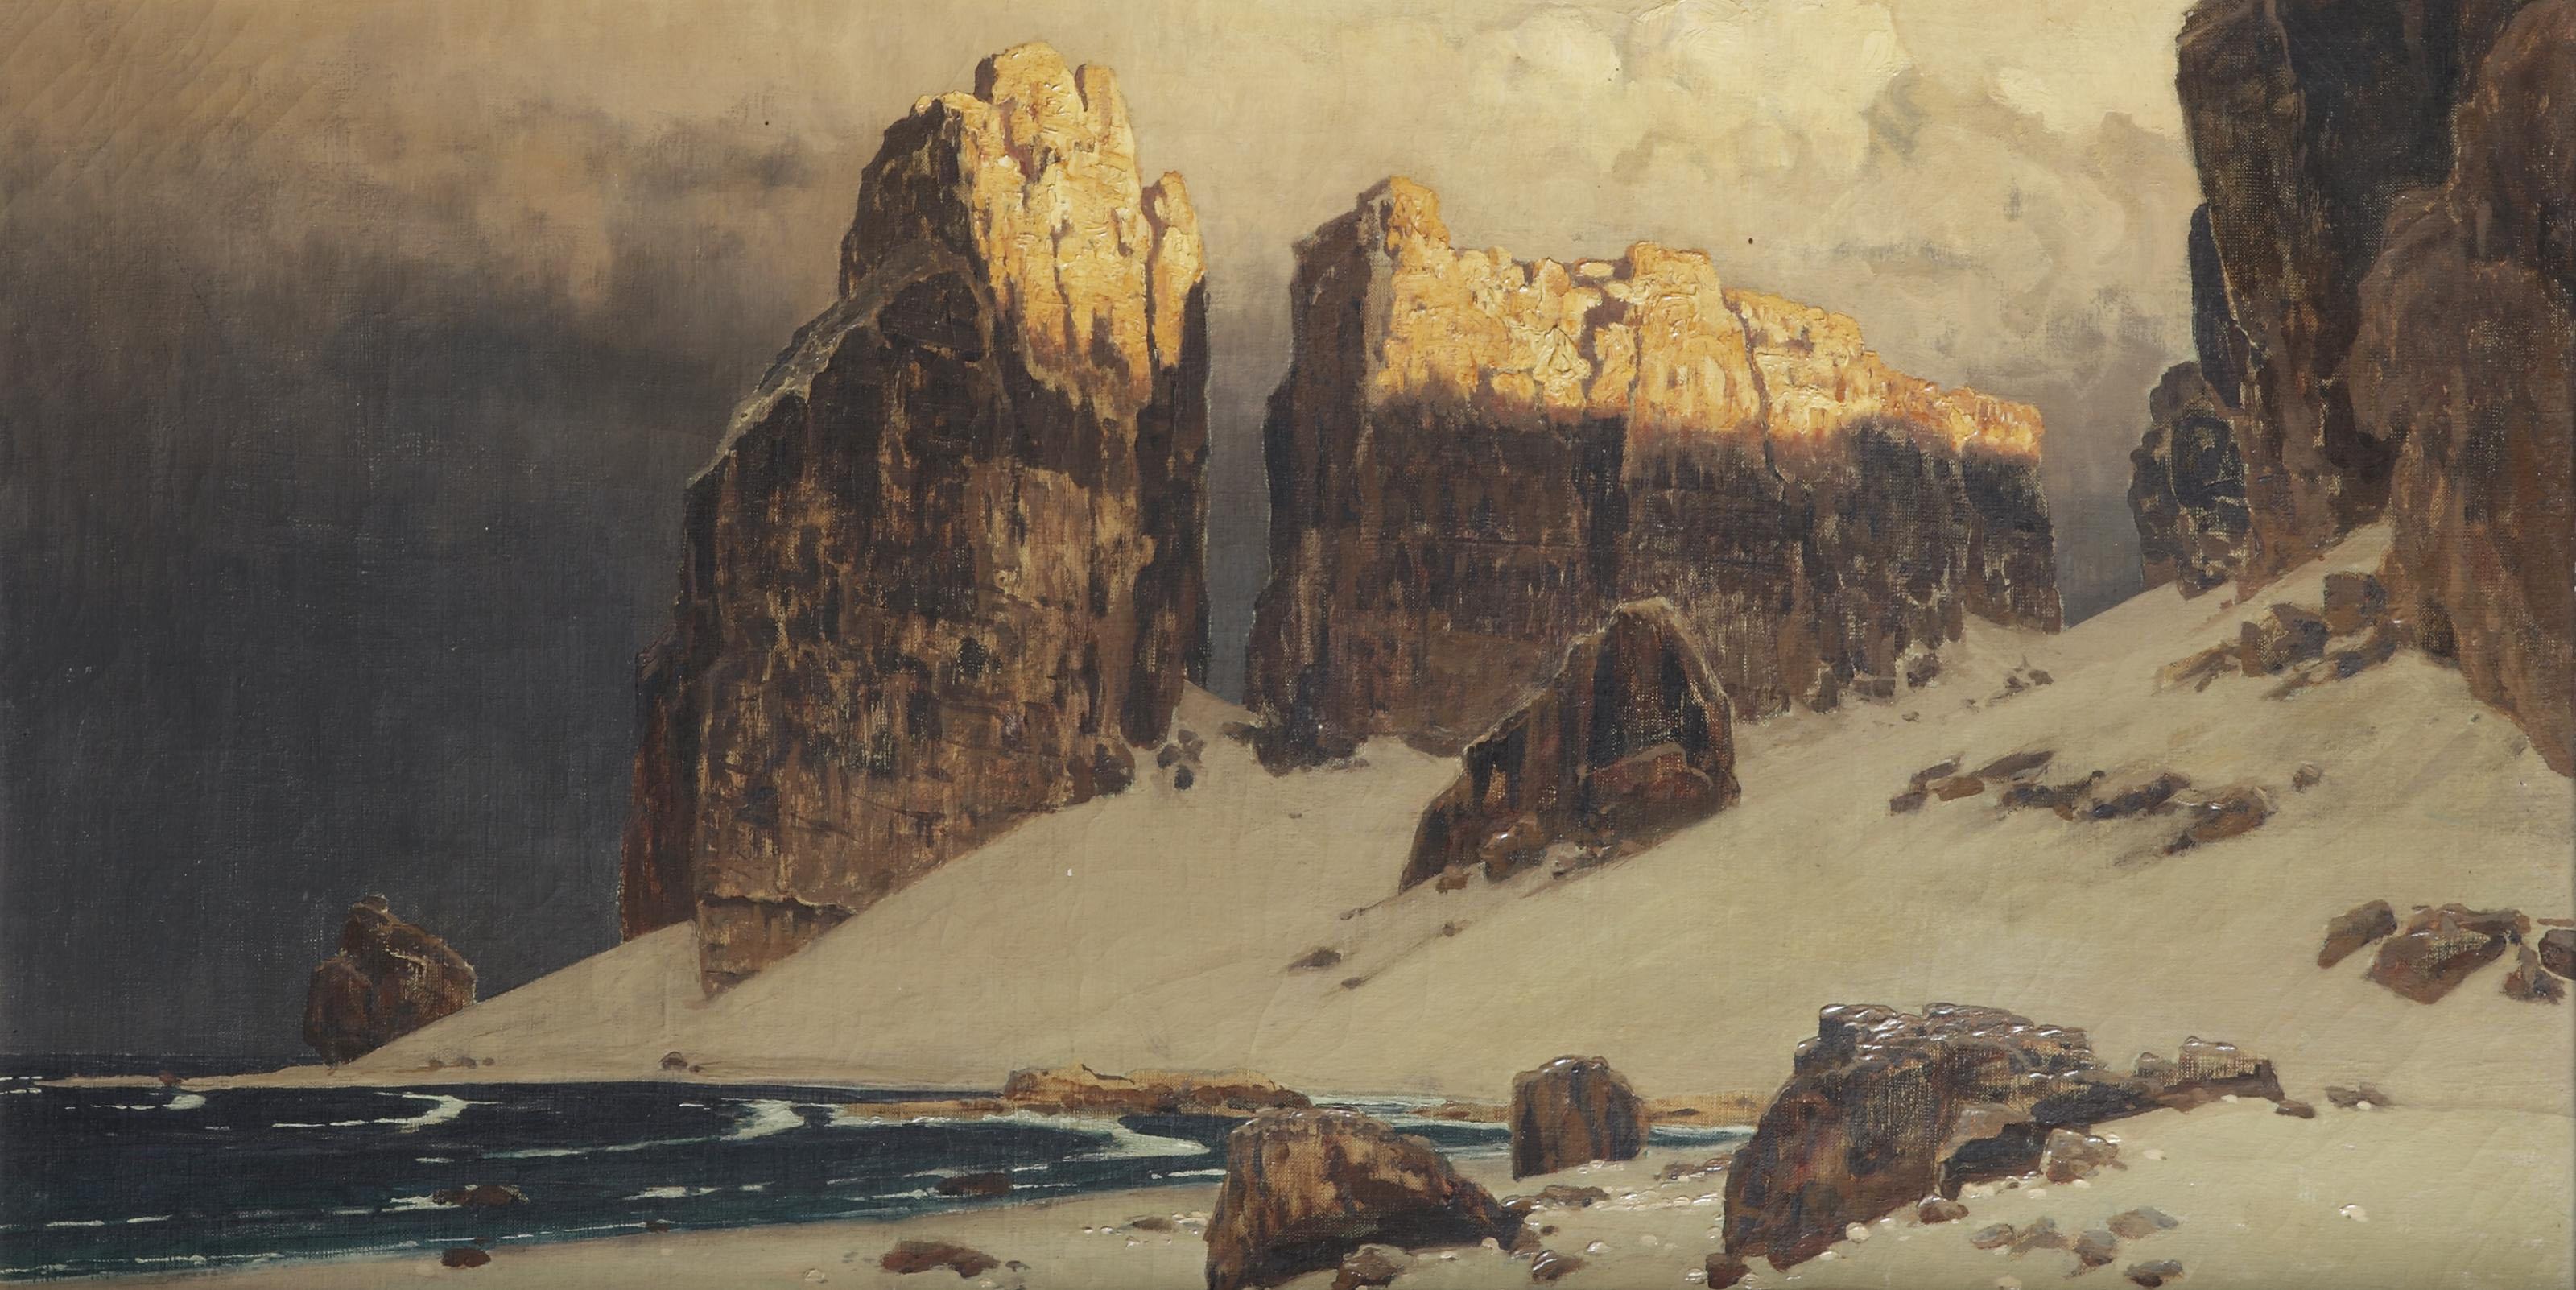 Sunny cliffs near the North sea